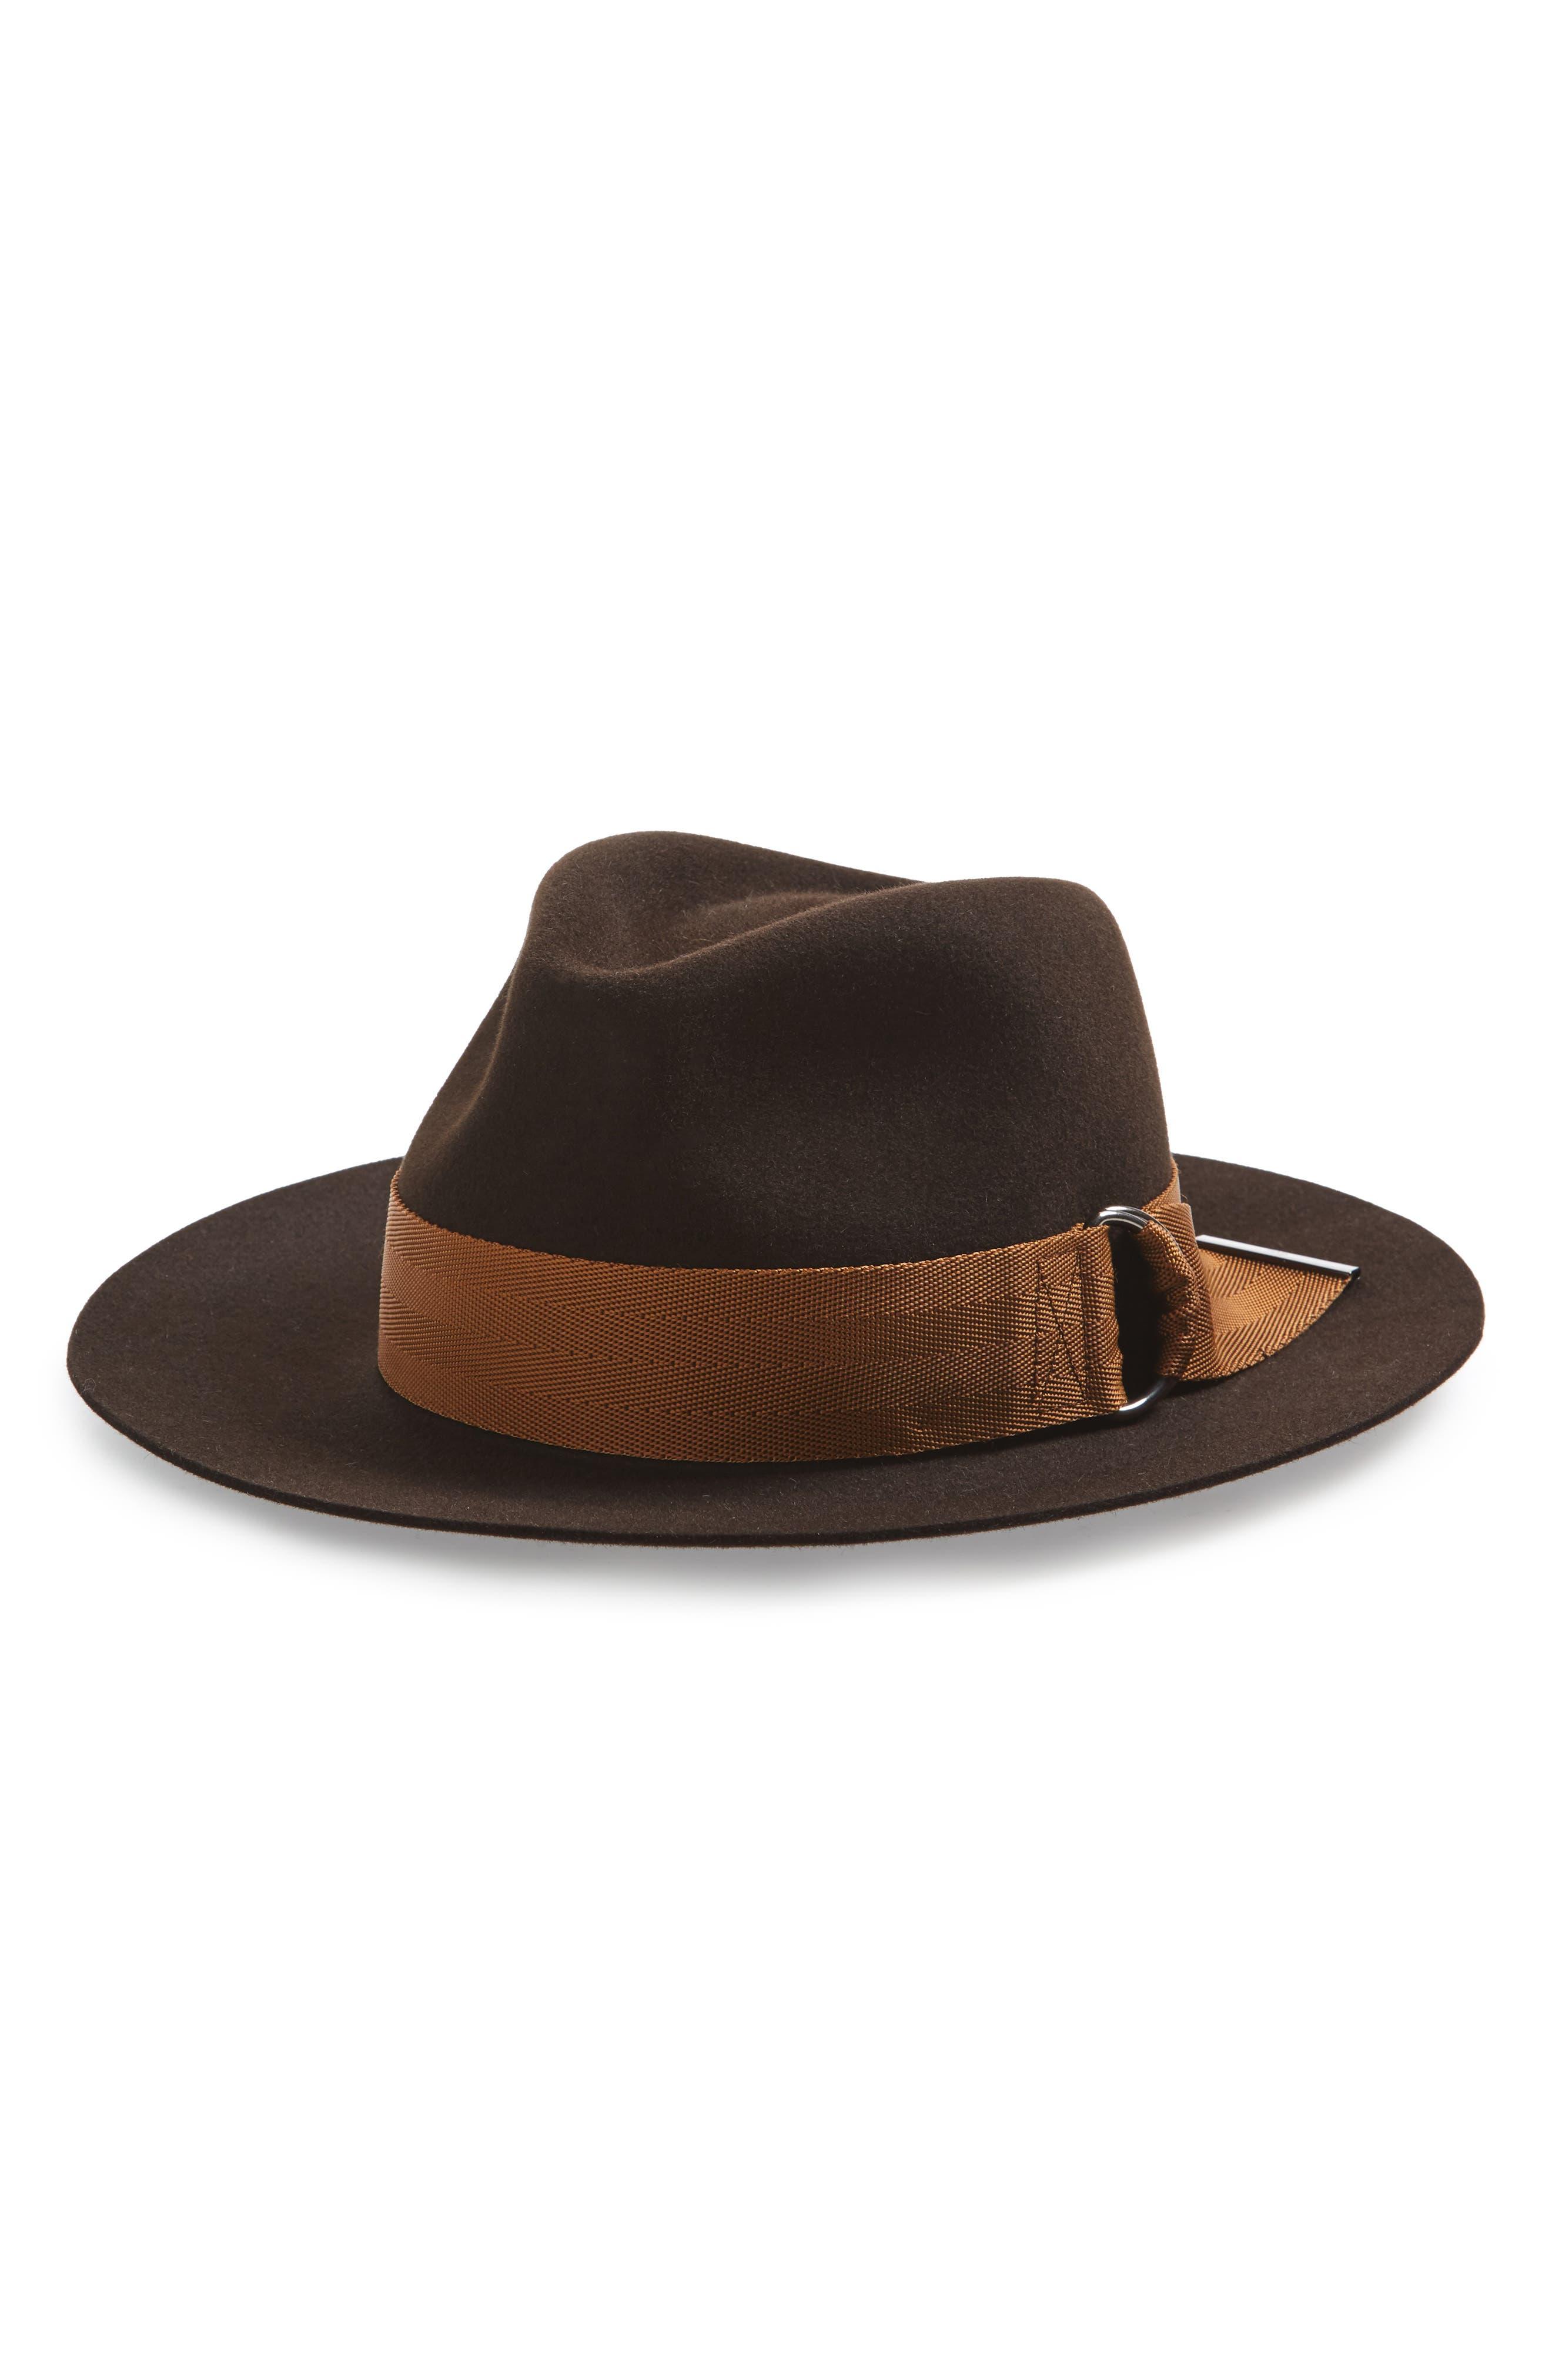 Maison Michel Rico Buckle Brim Fur Felt Hat